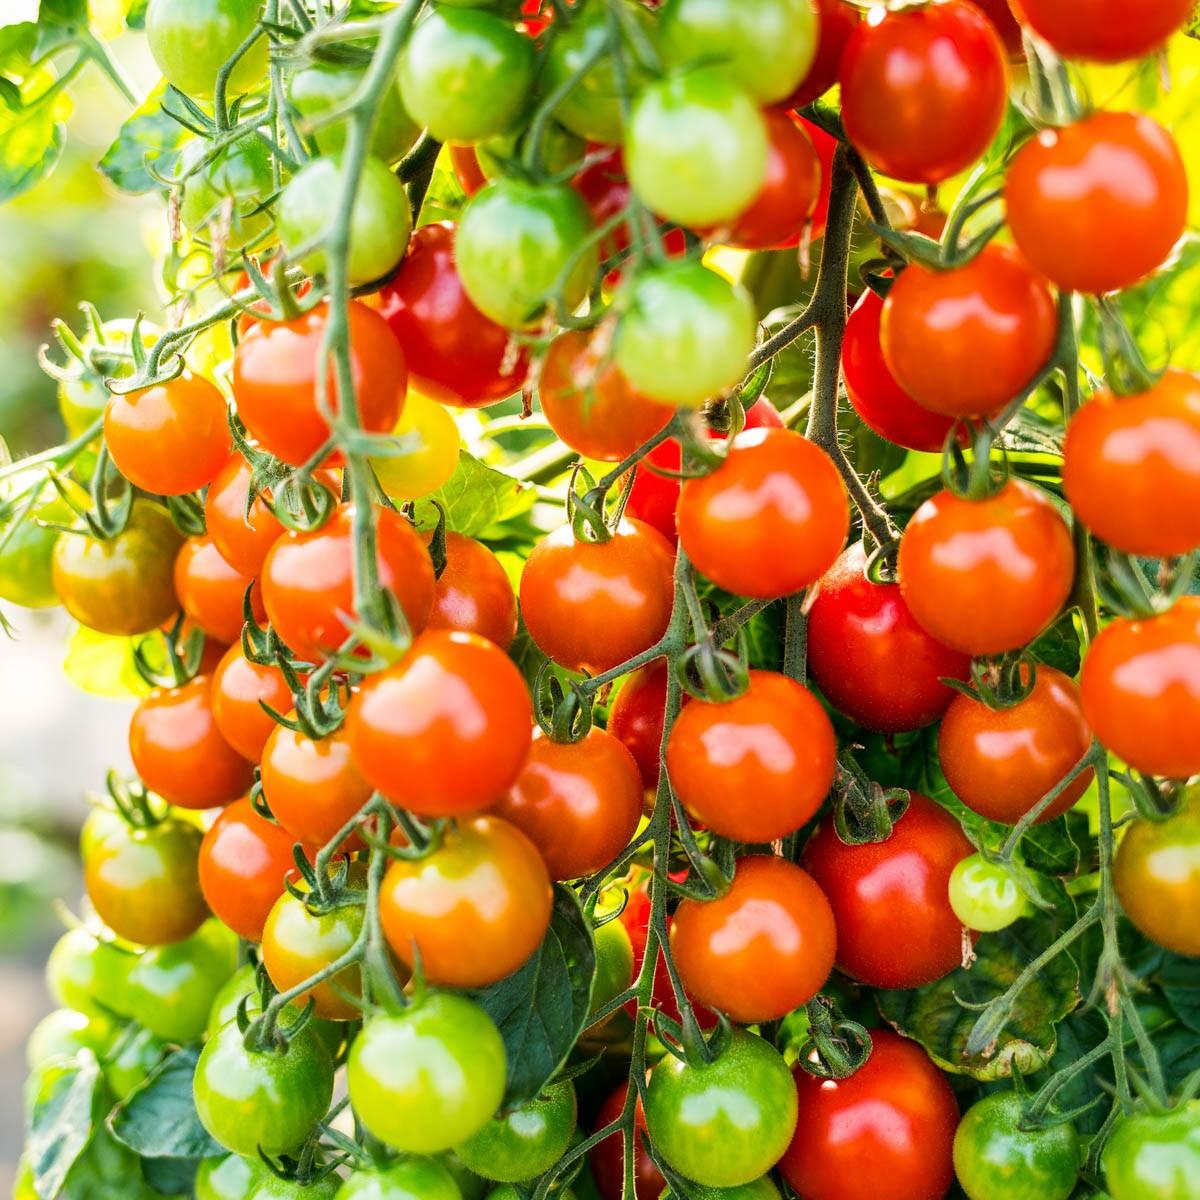 Cherrytomate 'Sanvitos' (Favorita), veredelt